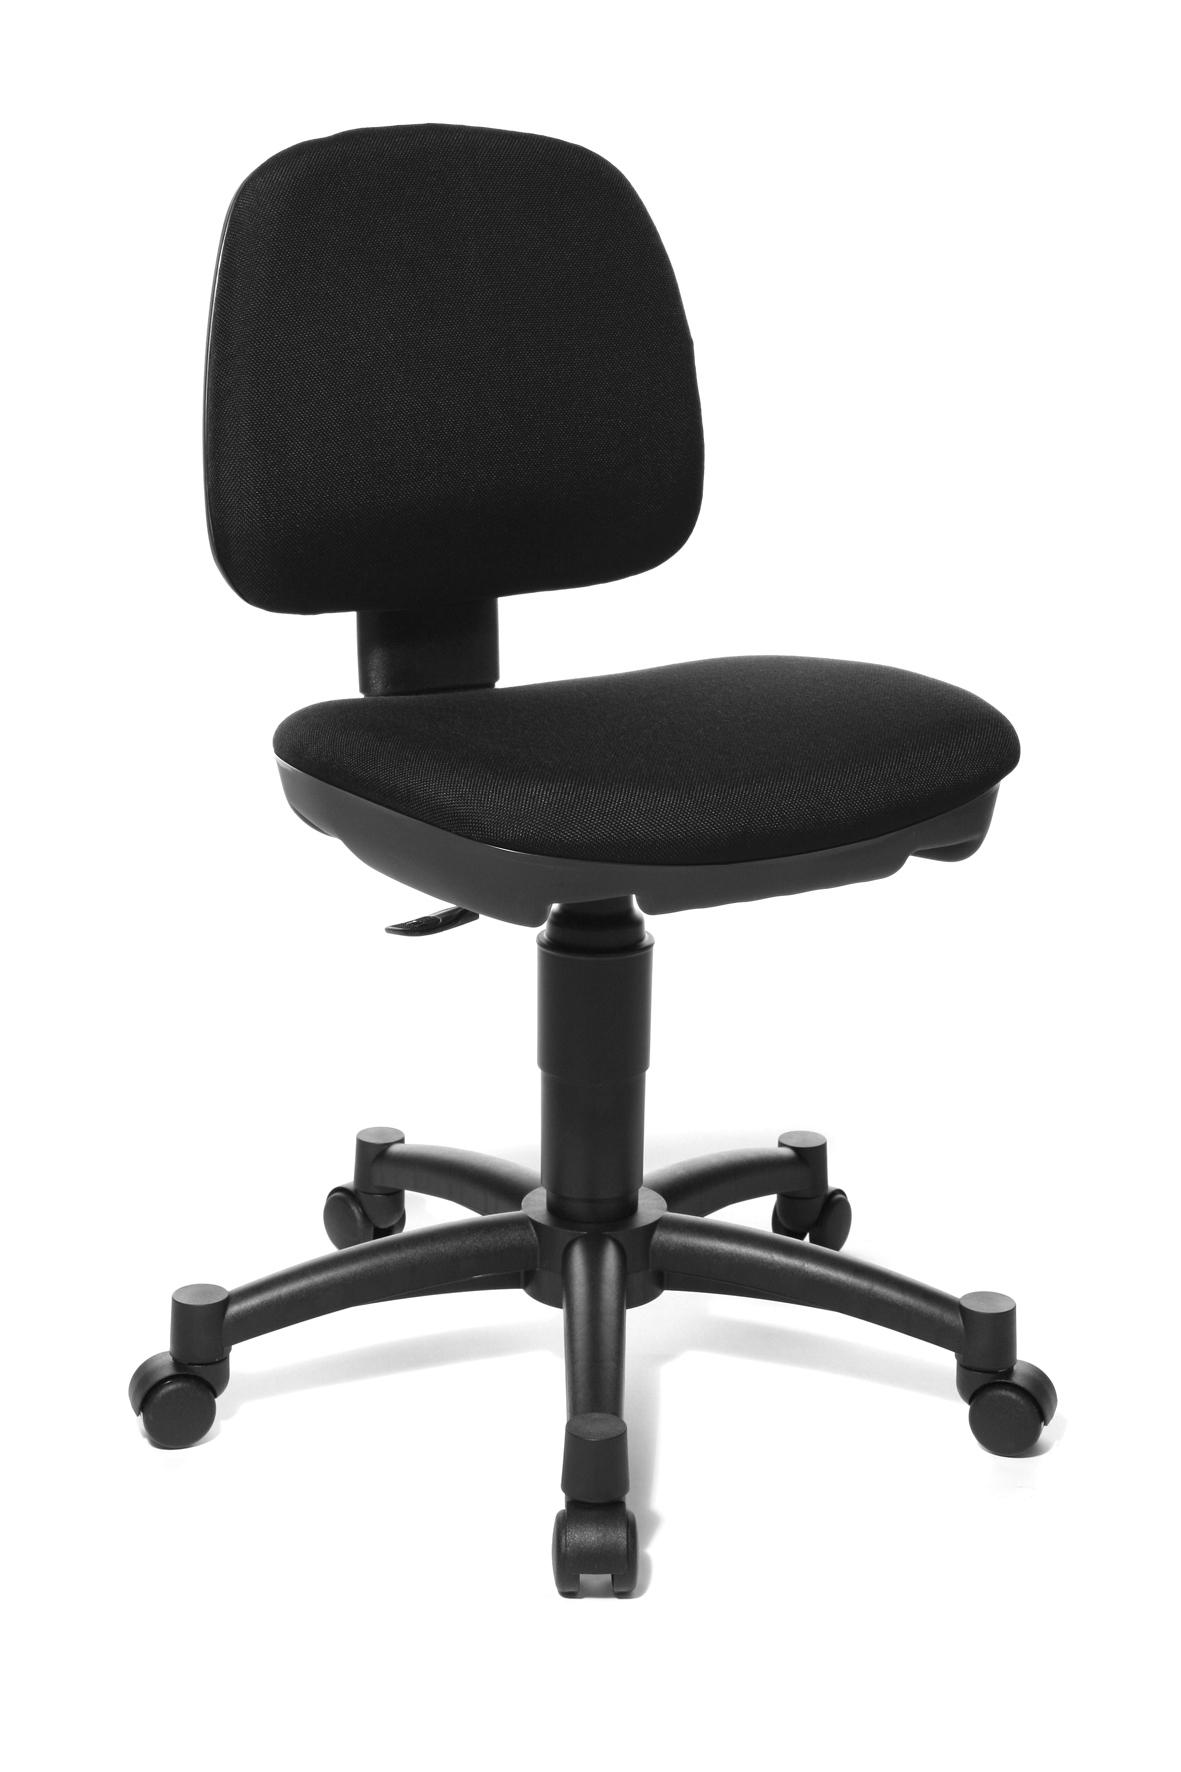 Chaise de bureau enfant contemporaine en tissu noir Moon